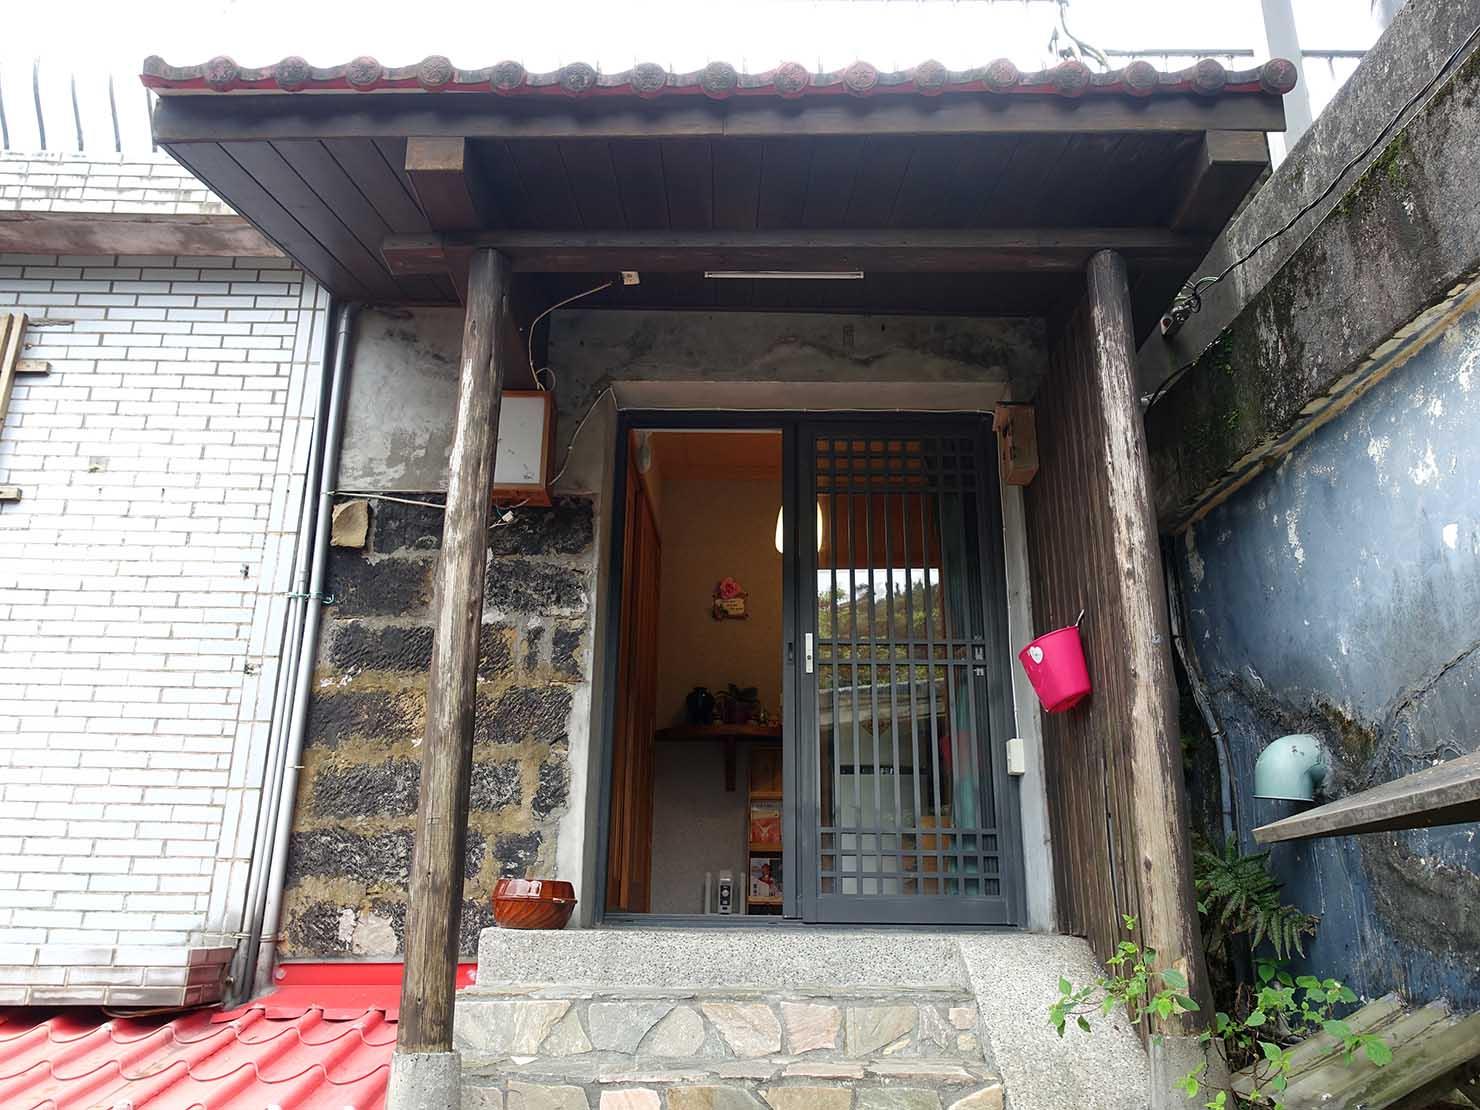 台北・九份のおすすめゲストハウス「九份小町」宿泊棟の玄関